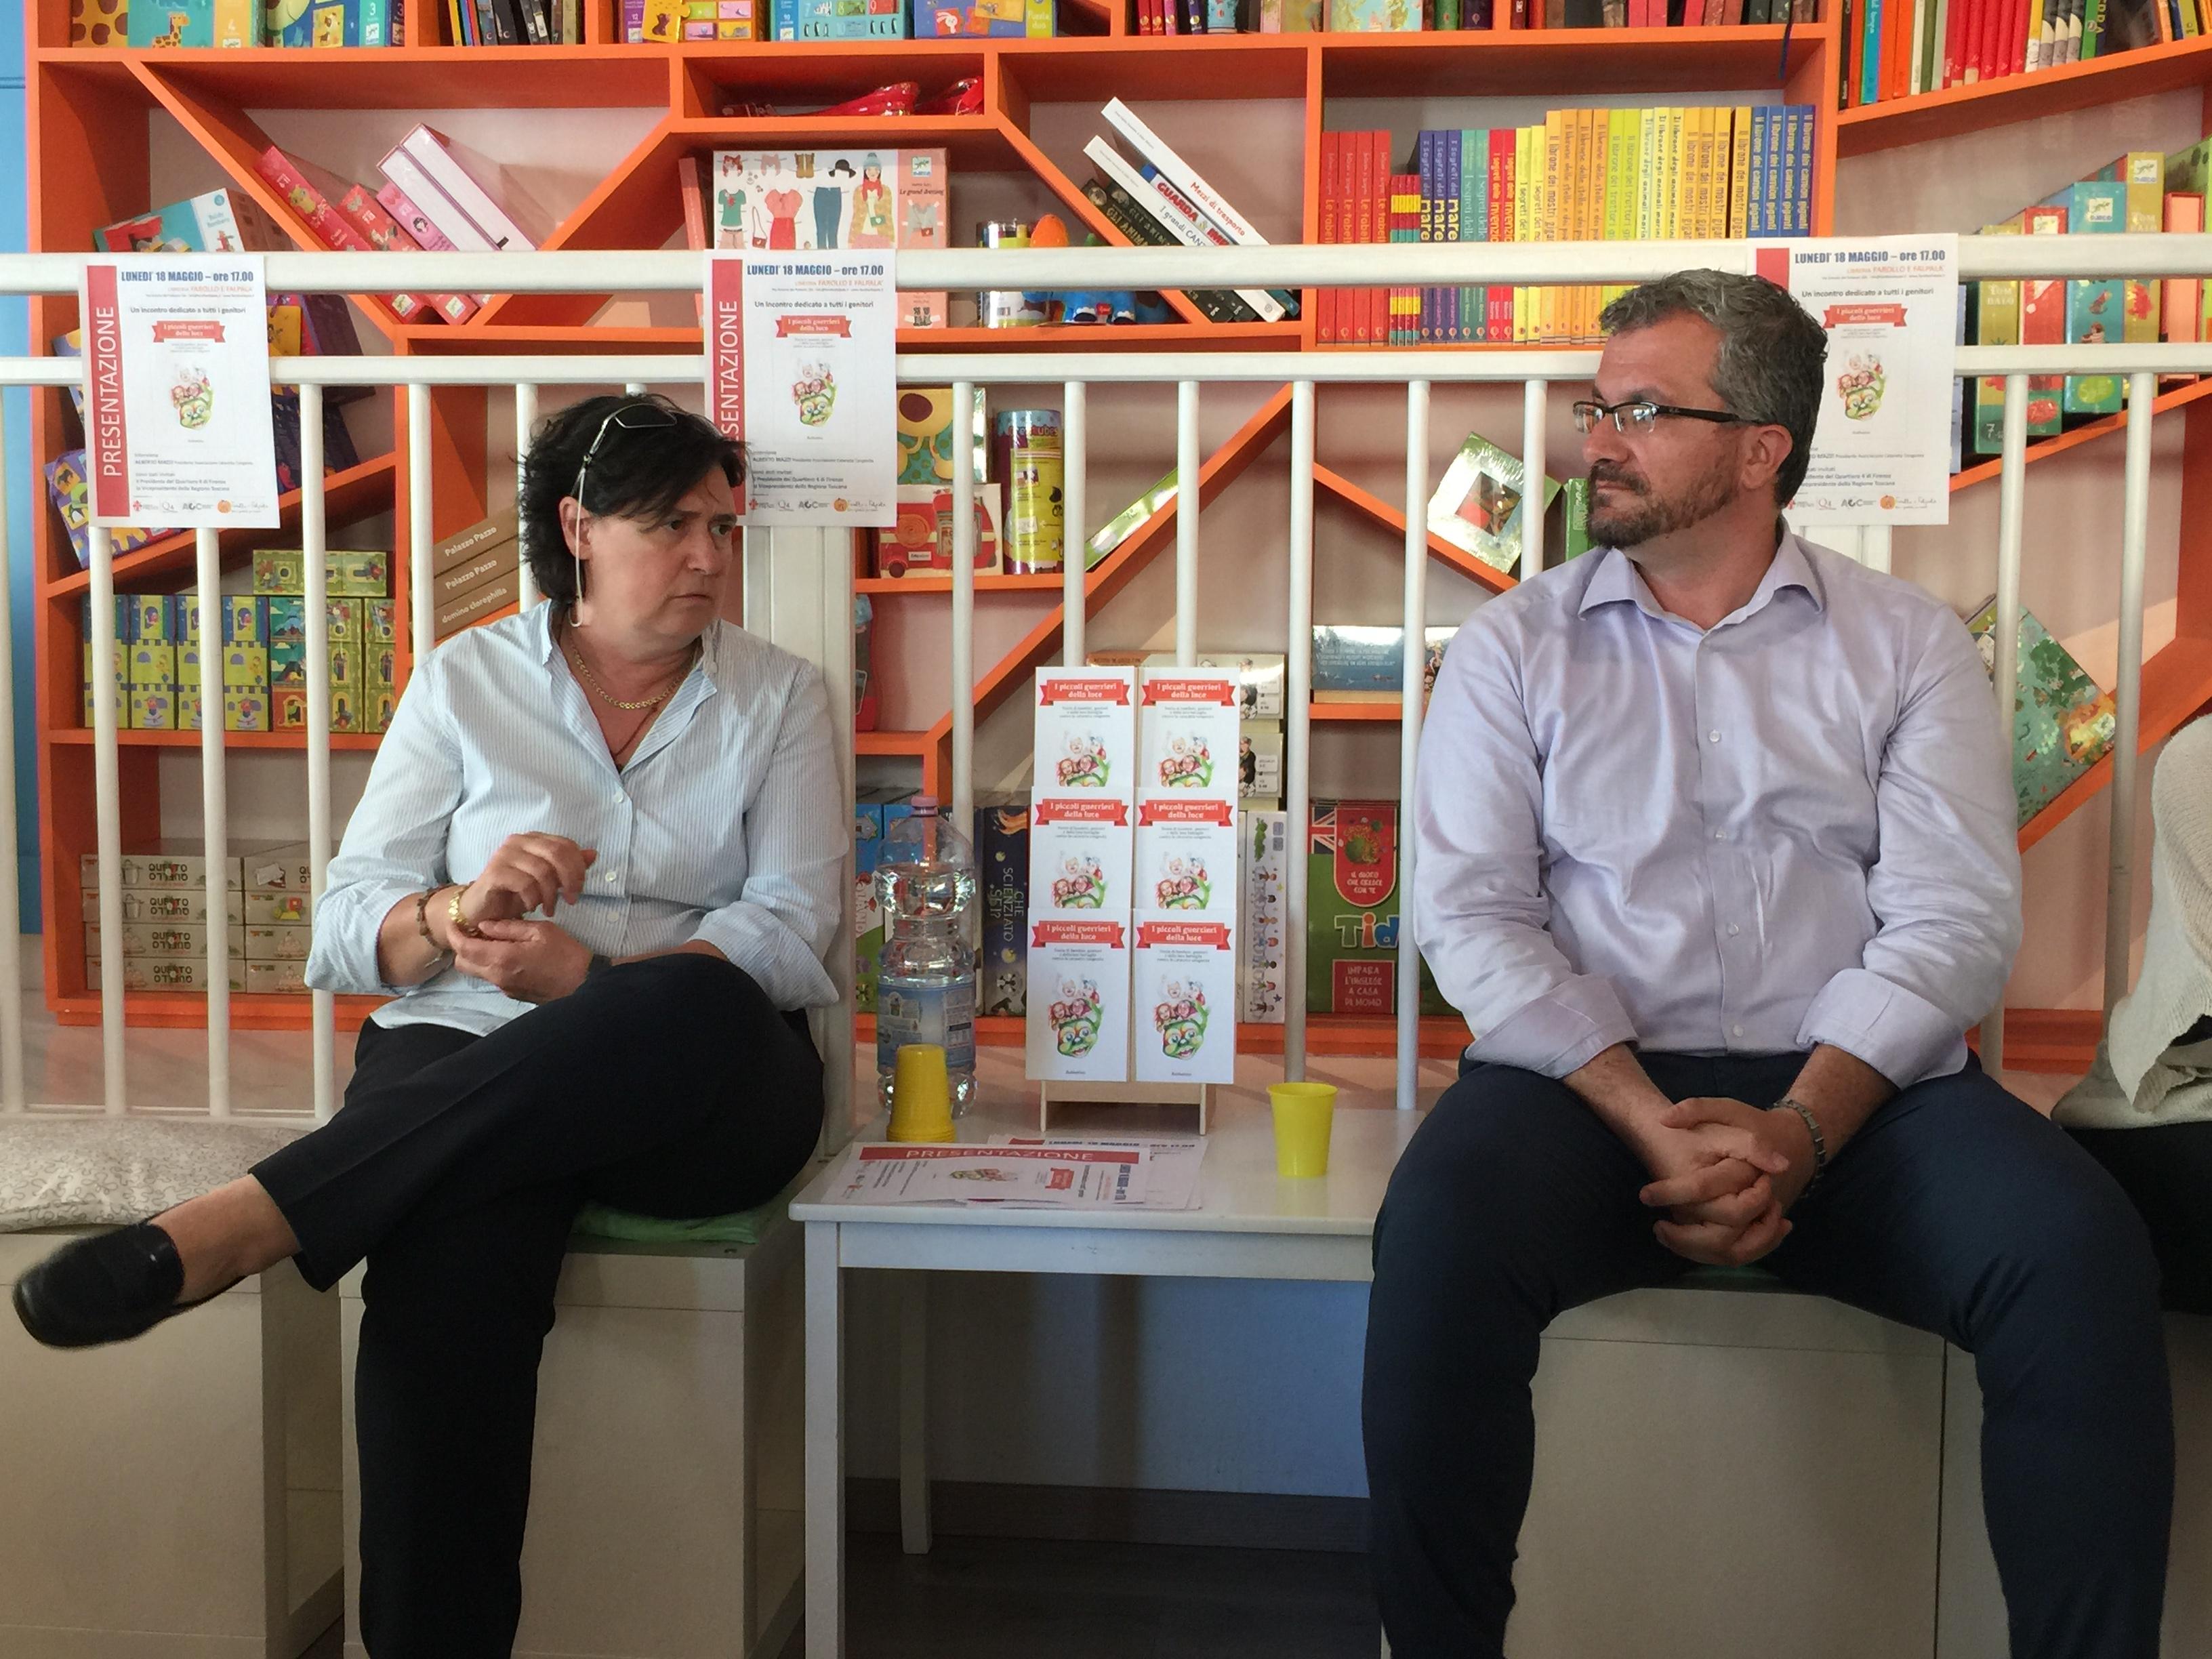 S. Saccardi (vicepresidente della Regione Toscana) e A. Mazza (Presidente dell'Ass. Cataratta congenita)